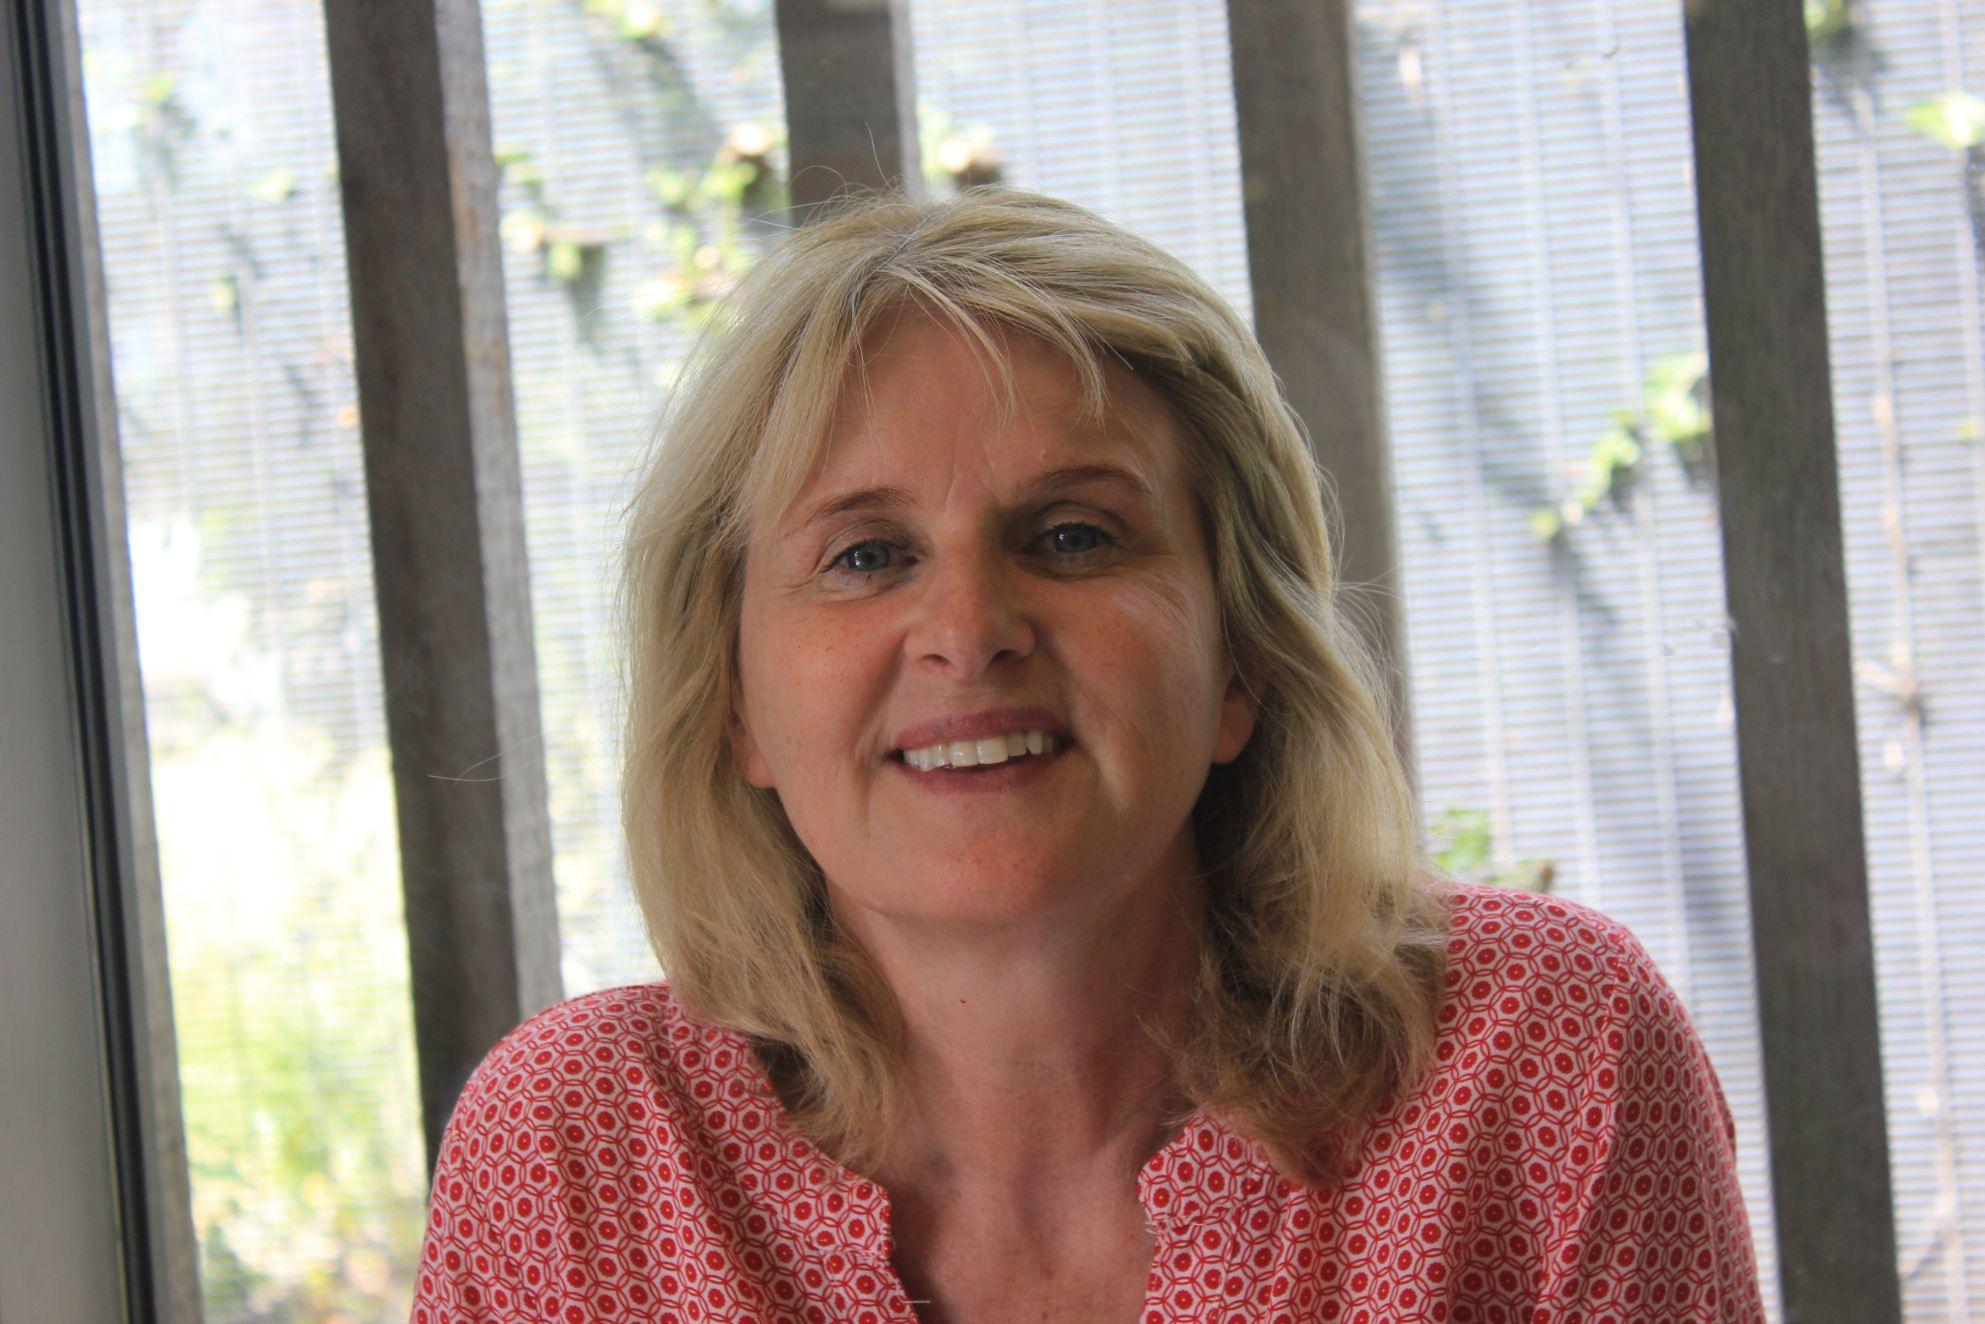 Caroline Speirs